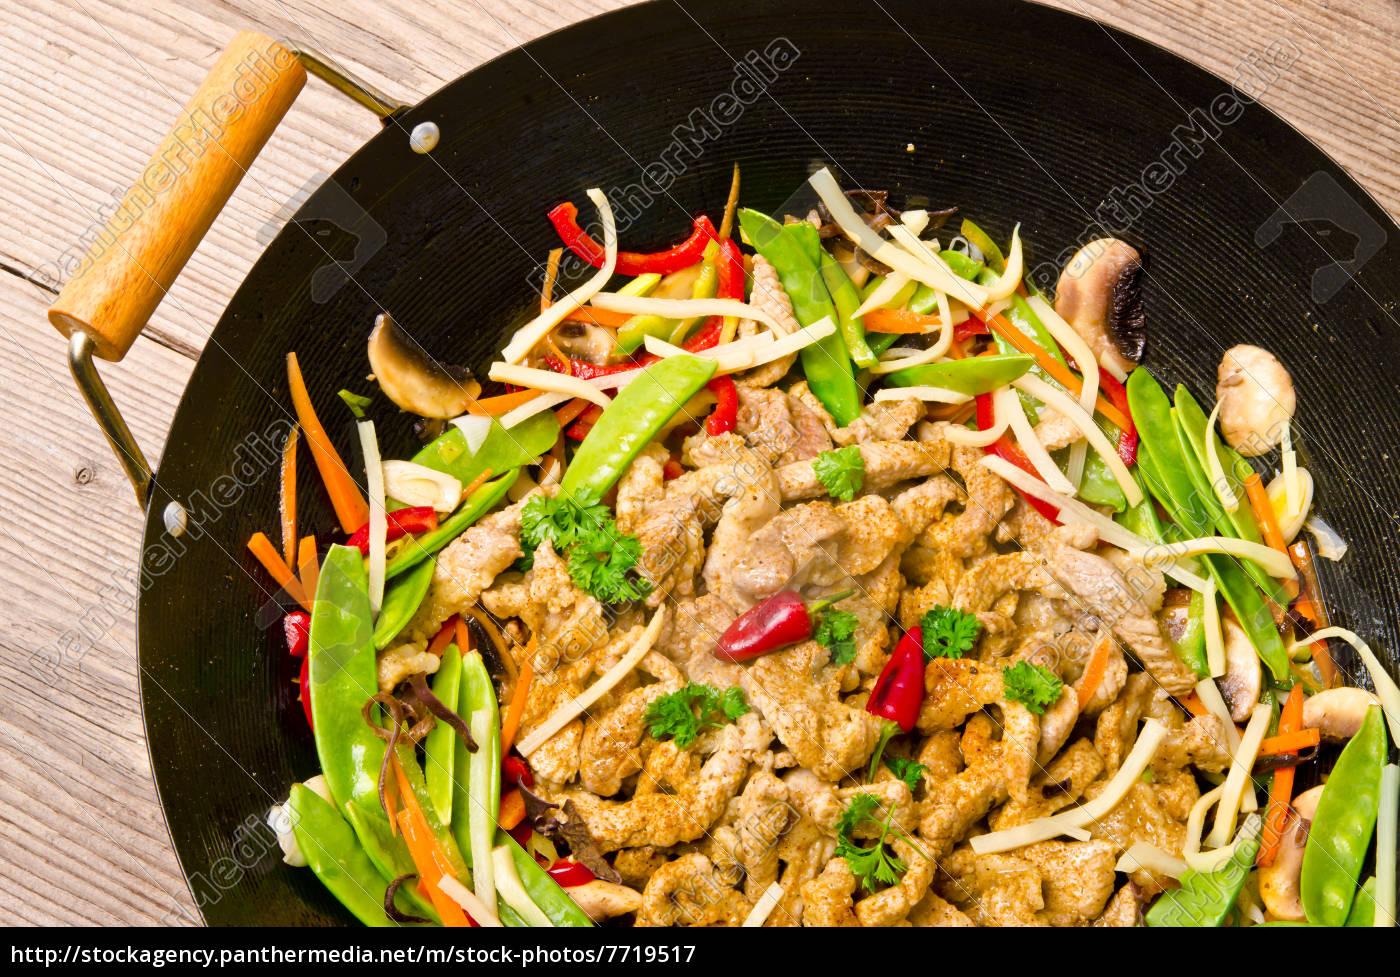 wok, frying, pan - 7719517